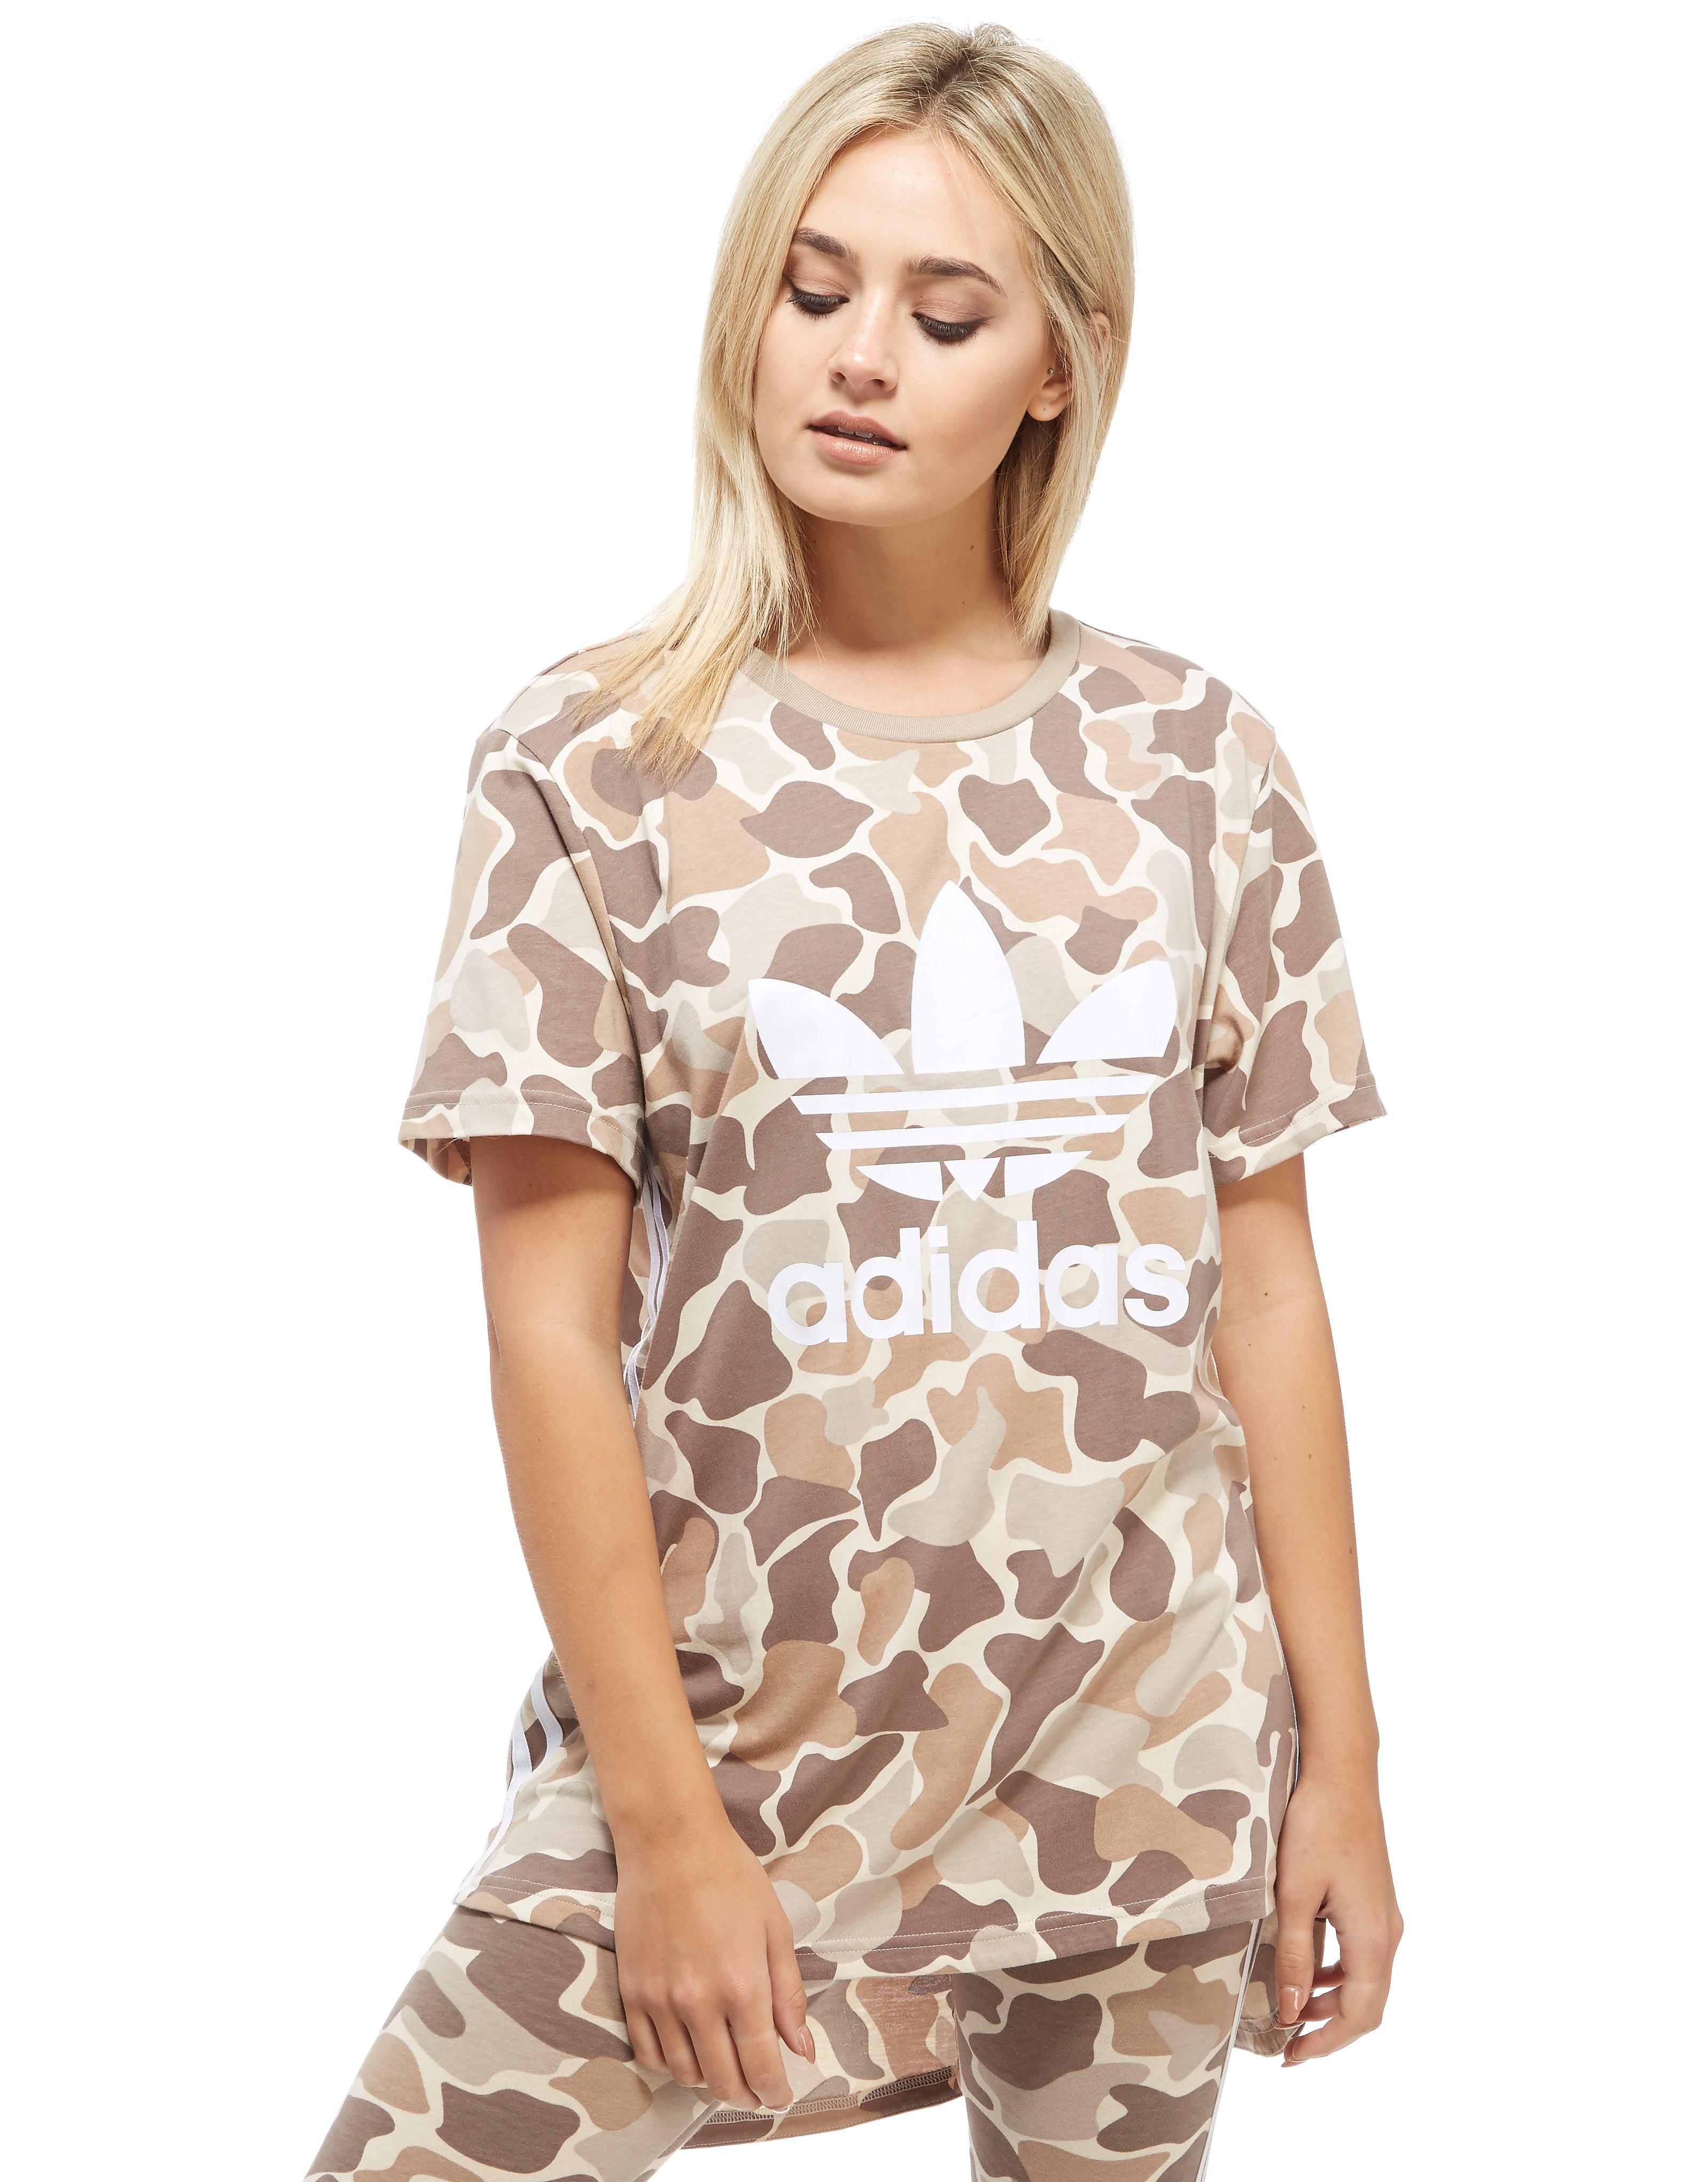 adidas Originals 3-Stripes Camo T-Shirt